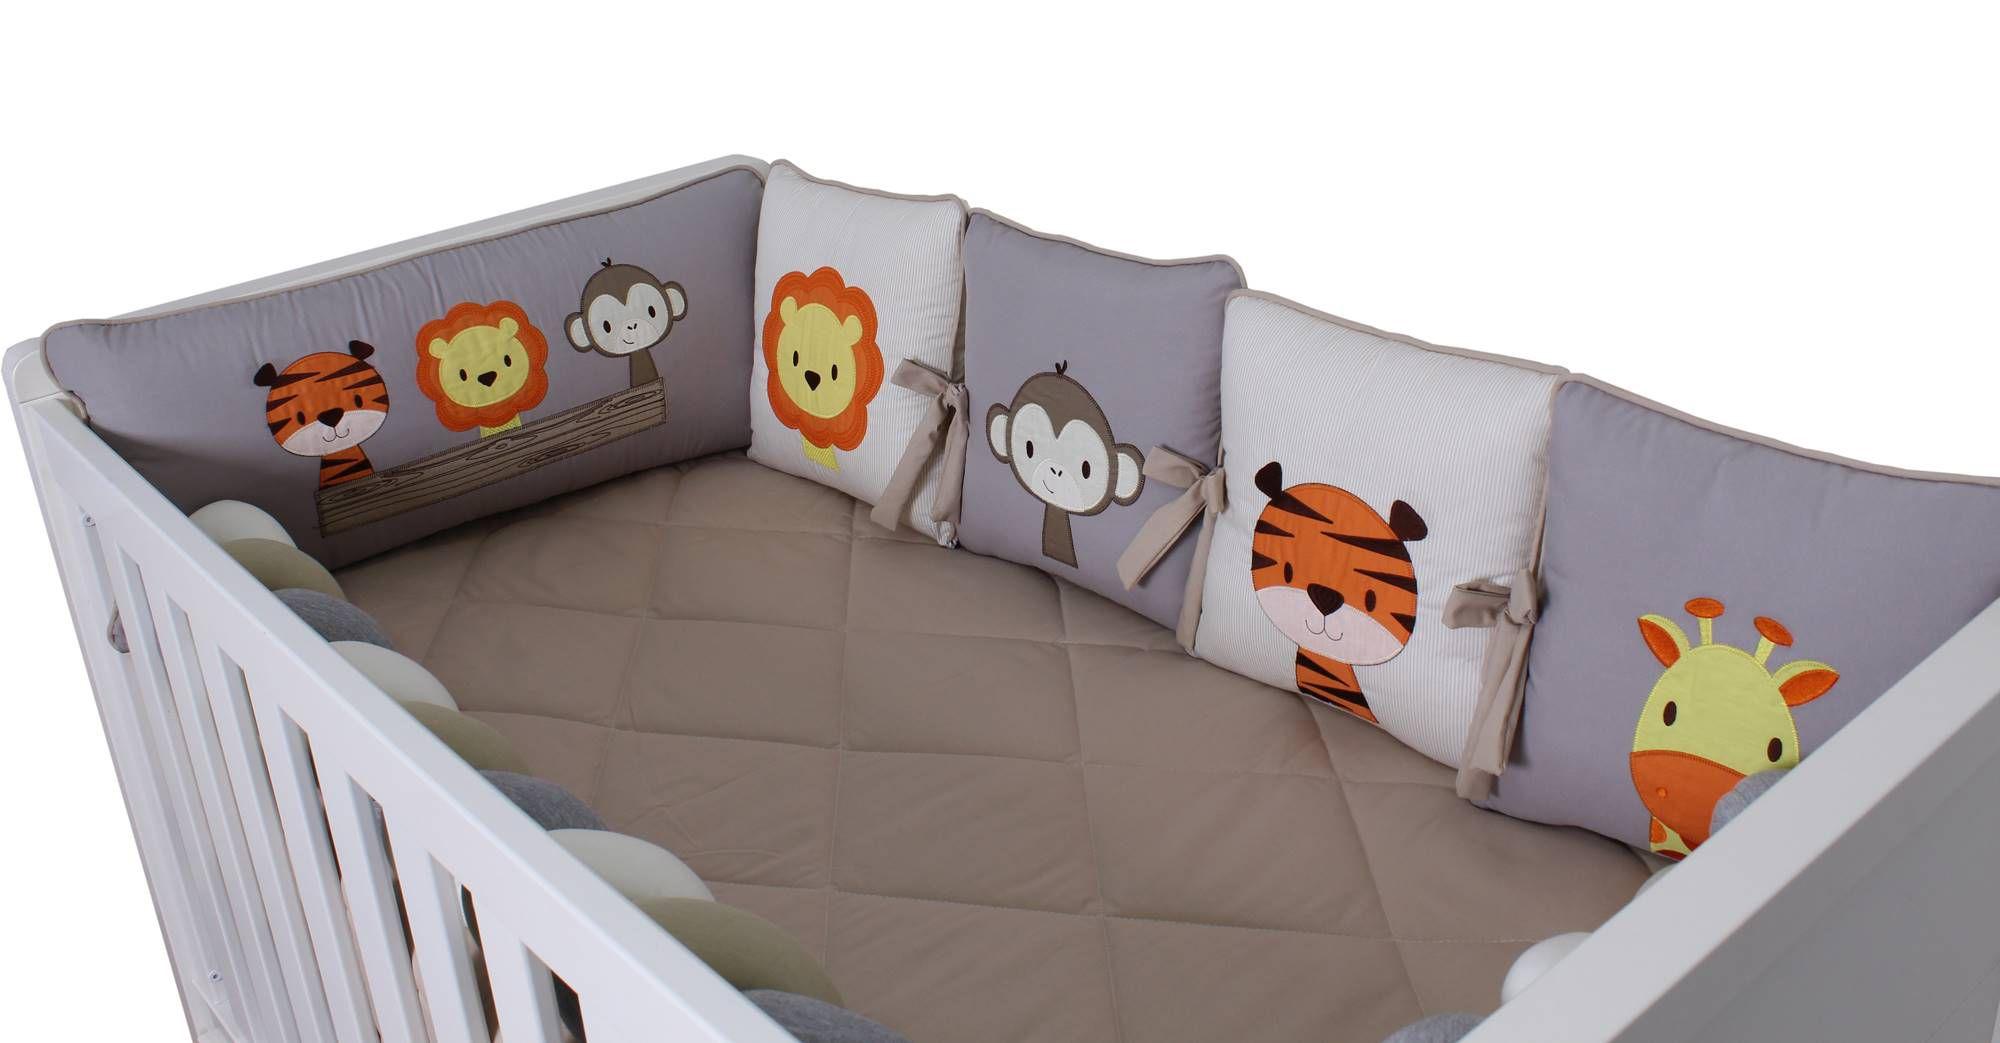 Kit de Berço Almofadinhas Amiguinhos Selva 10 Peças  - Toca do Bebê